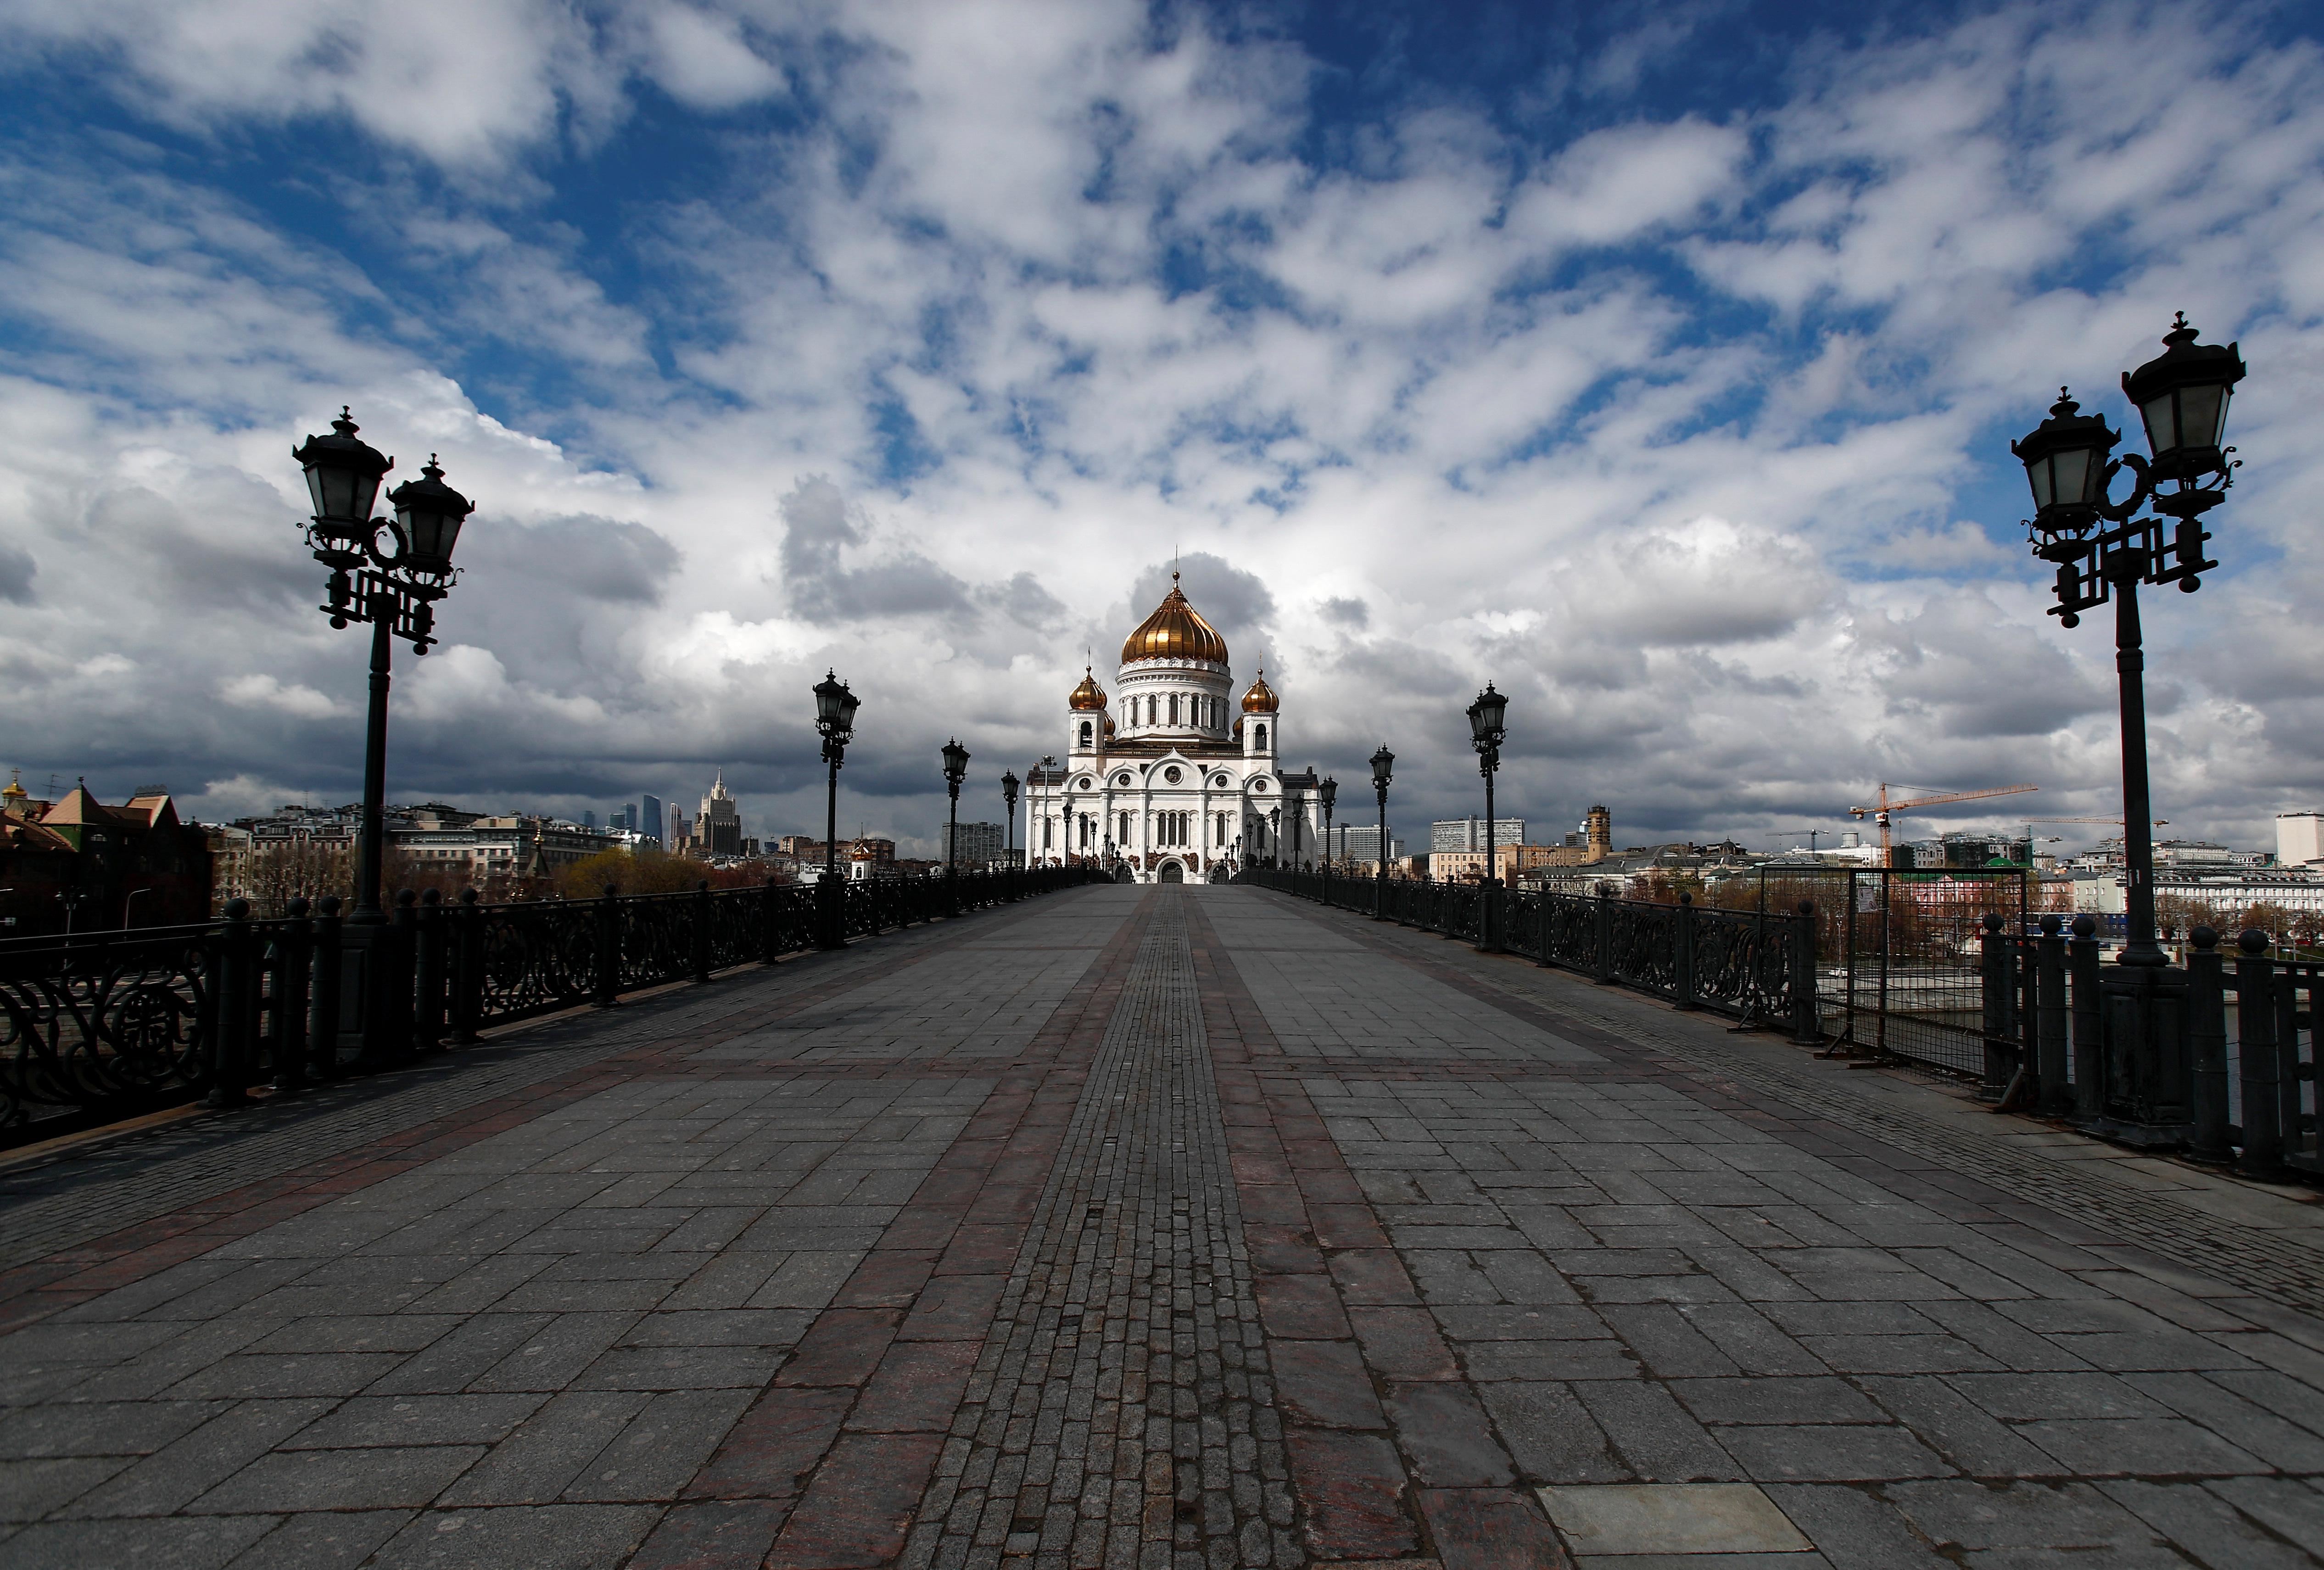 El paseo peatonal desierto hacia la Catedral de Cristo el Salvador en Moscú, Rusia (REUTERS/Maxim Shemetov)